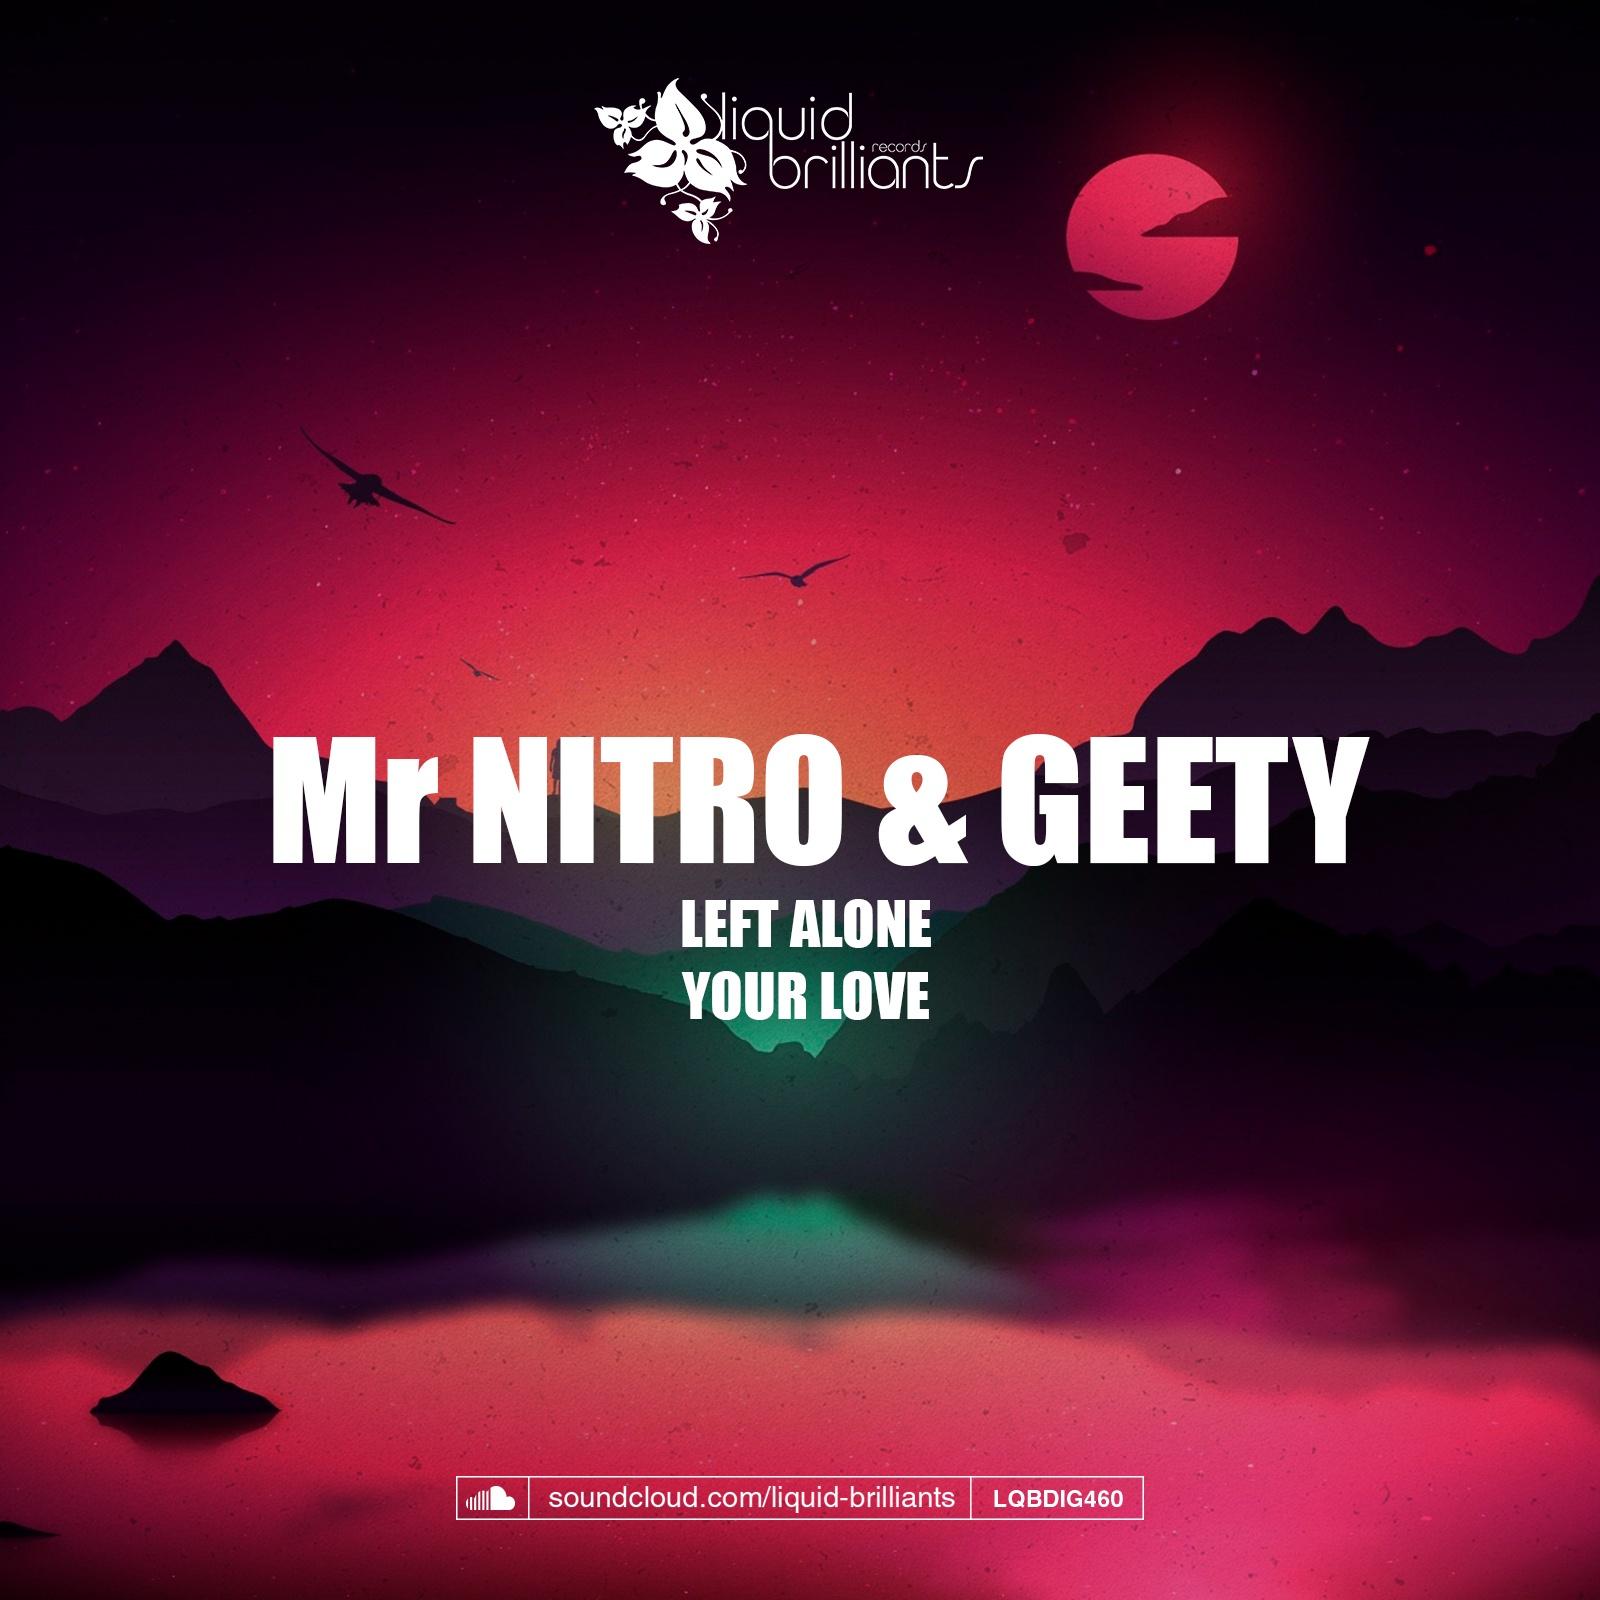 Mr Nitro & Geety - LQBDIG460